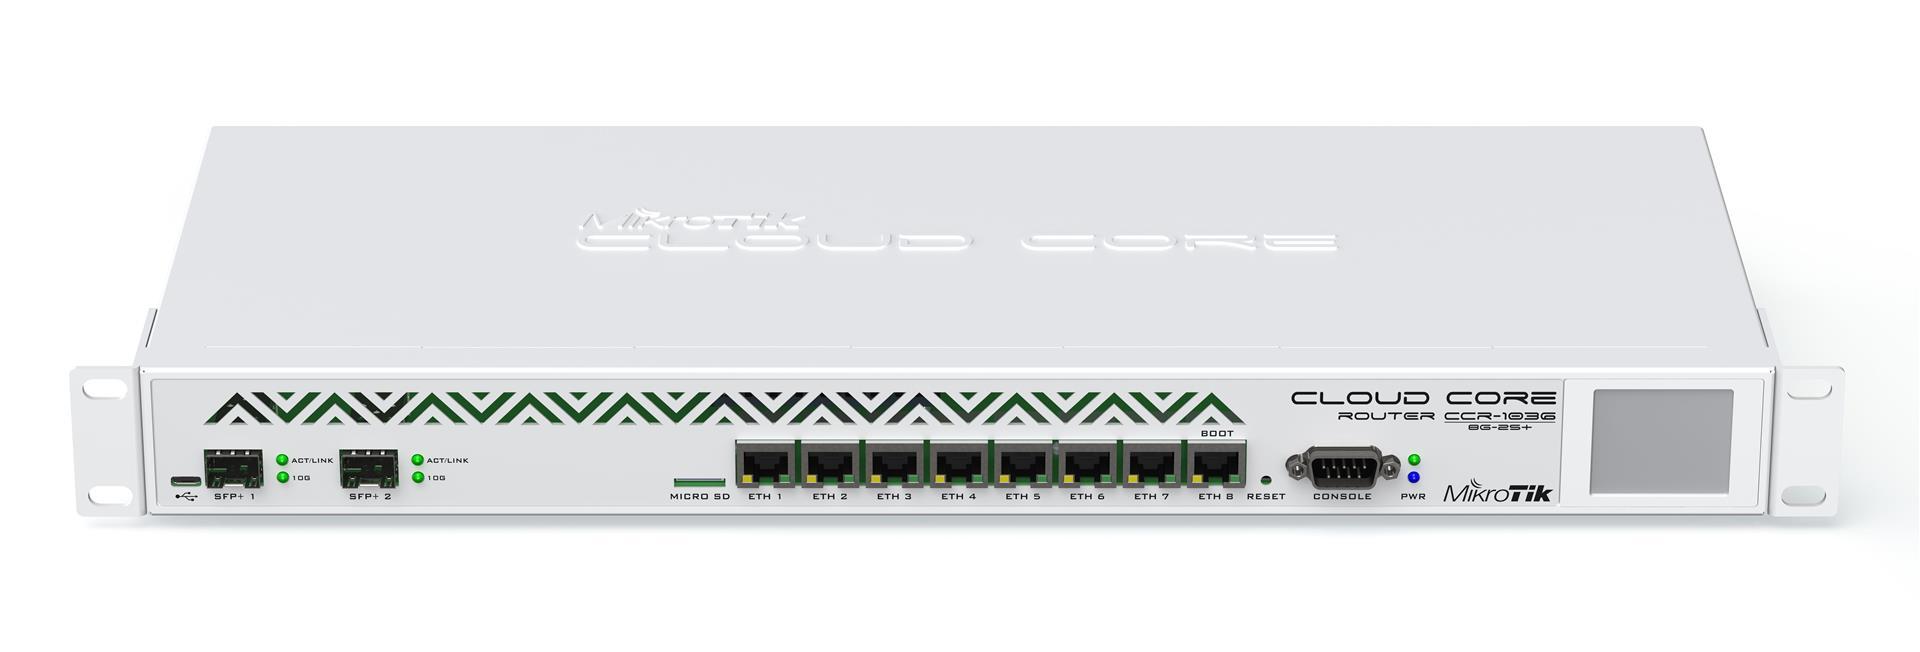 MIKROTIK RouterBOARD Cloud Core Router 1036-8G-2S+EM + RouterOS L6